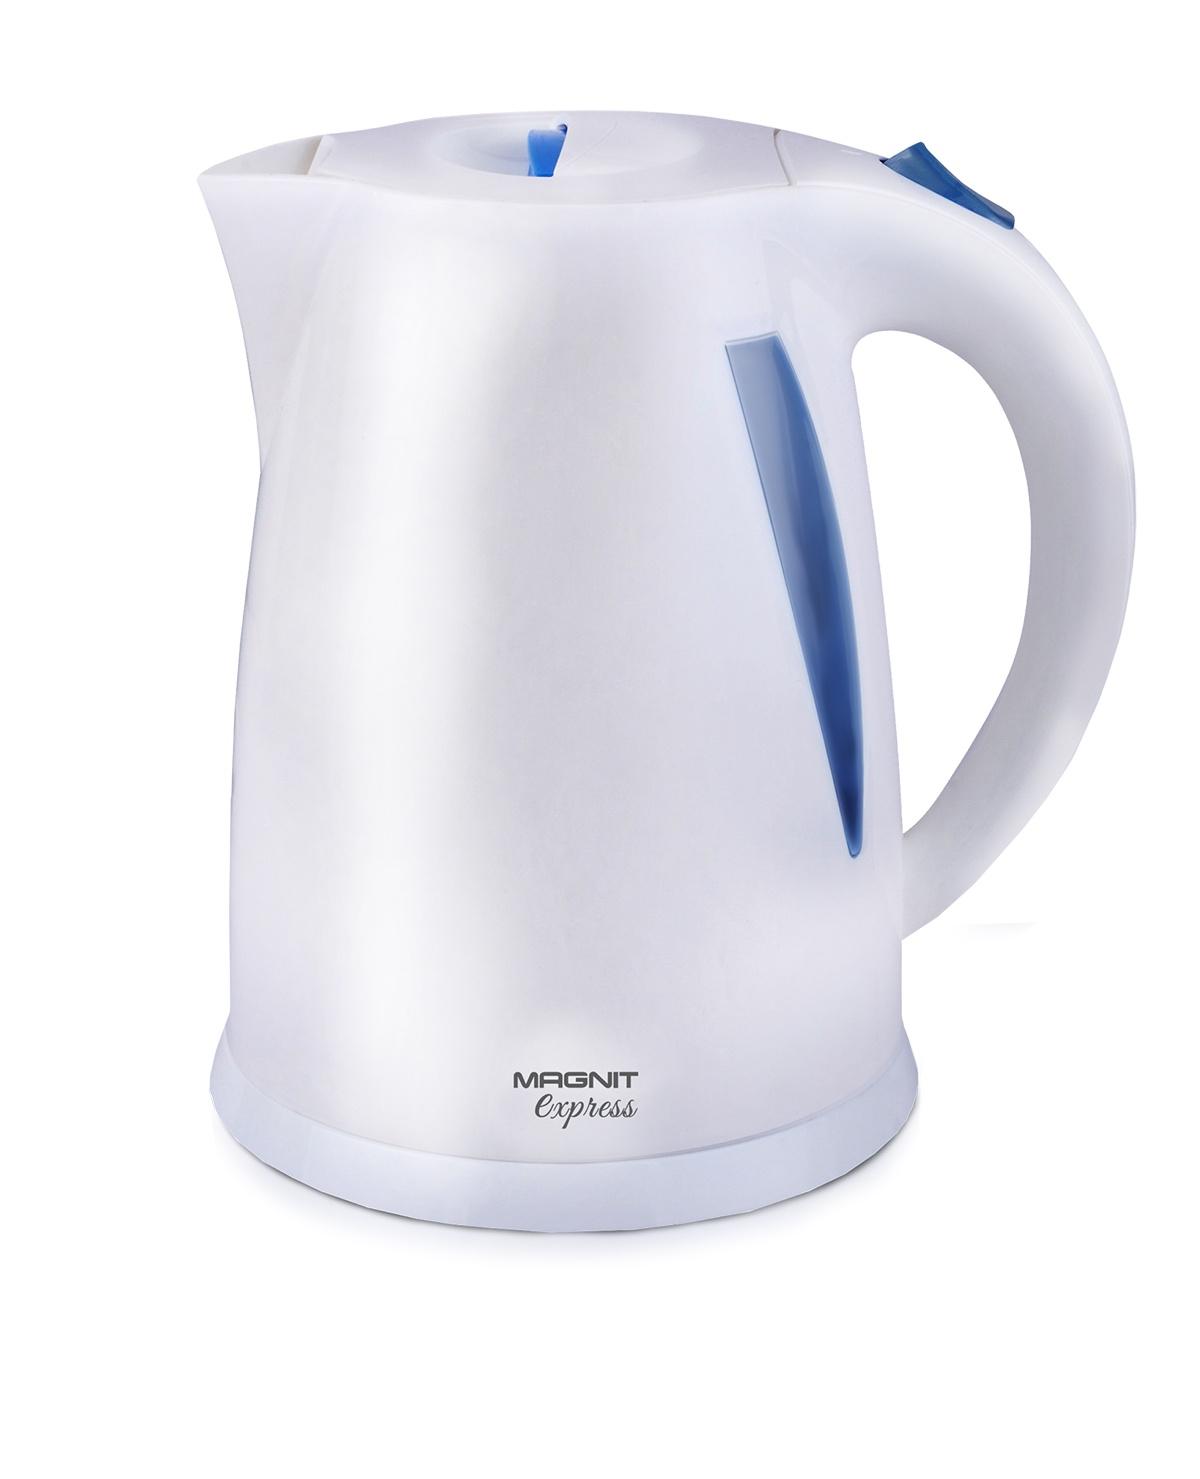 Чайник электрический Magnit, 1.7л, 2200 Вт, подстветка корпуса все цены